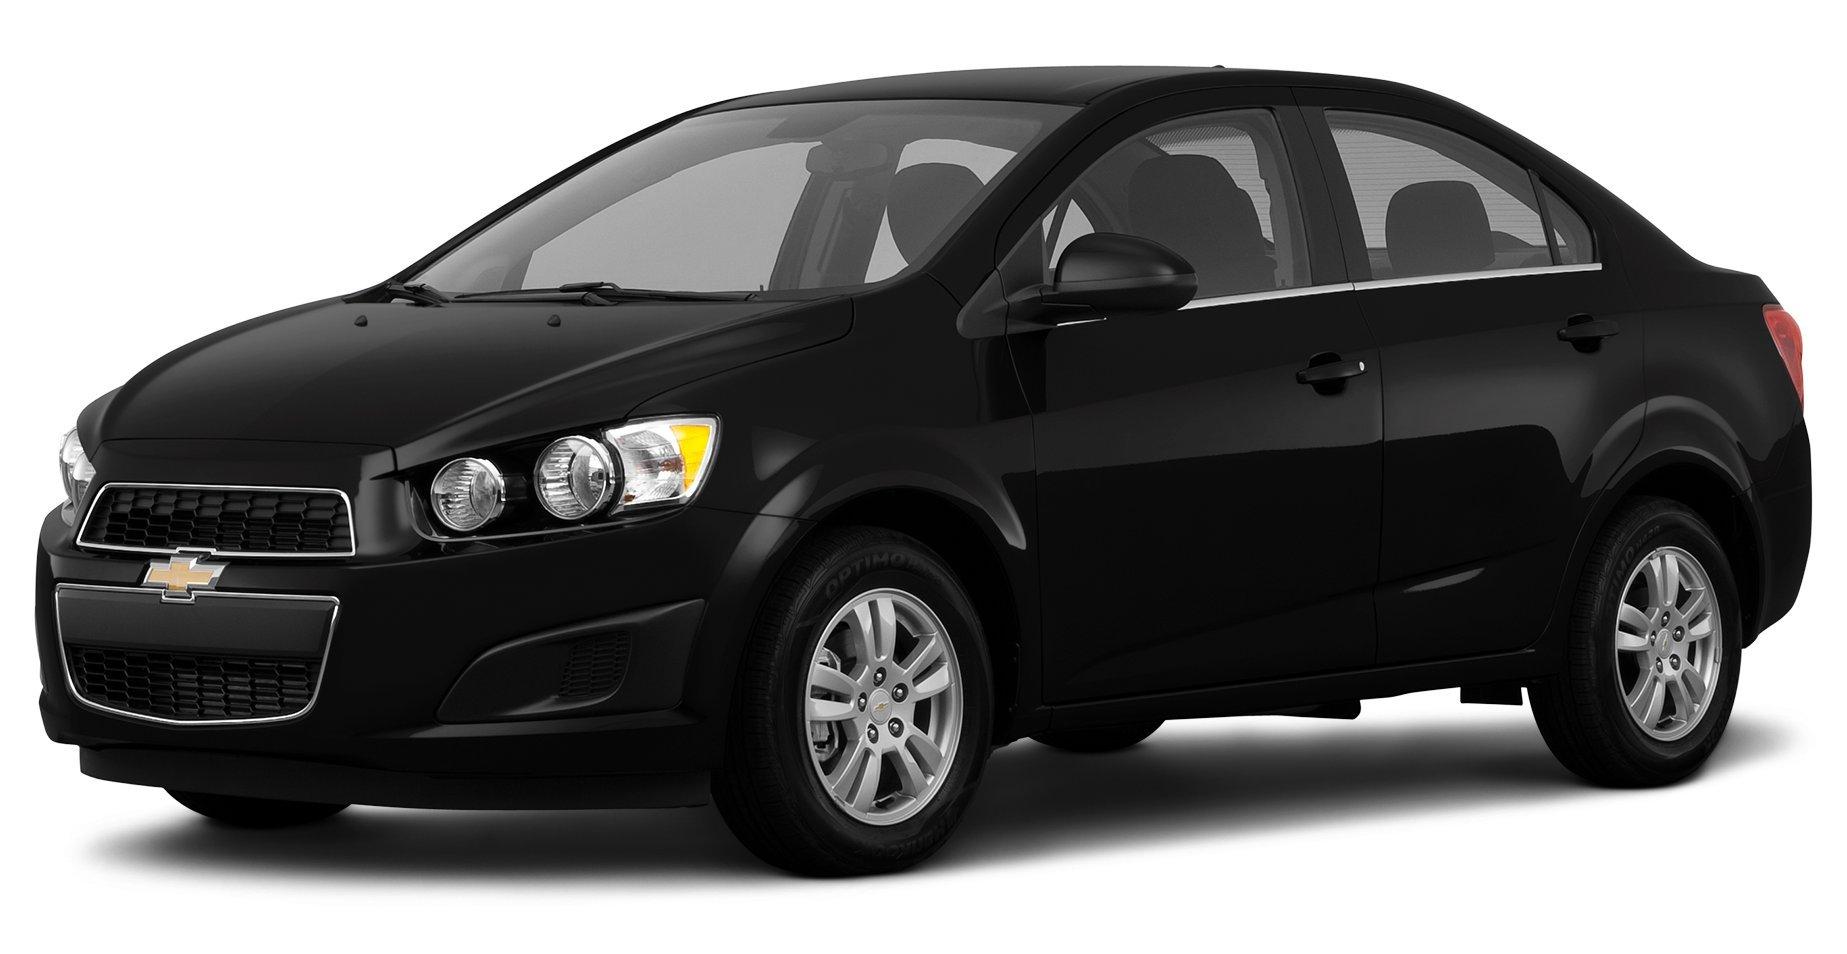 ... 2013 Chevrolet Sonic LS, 4-Door Sedan